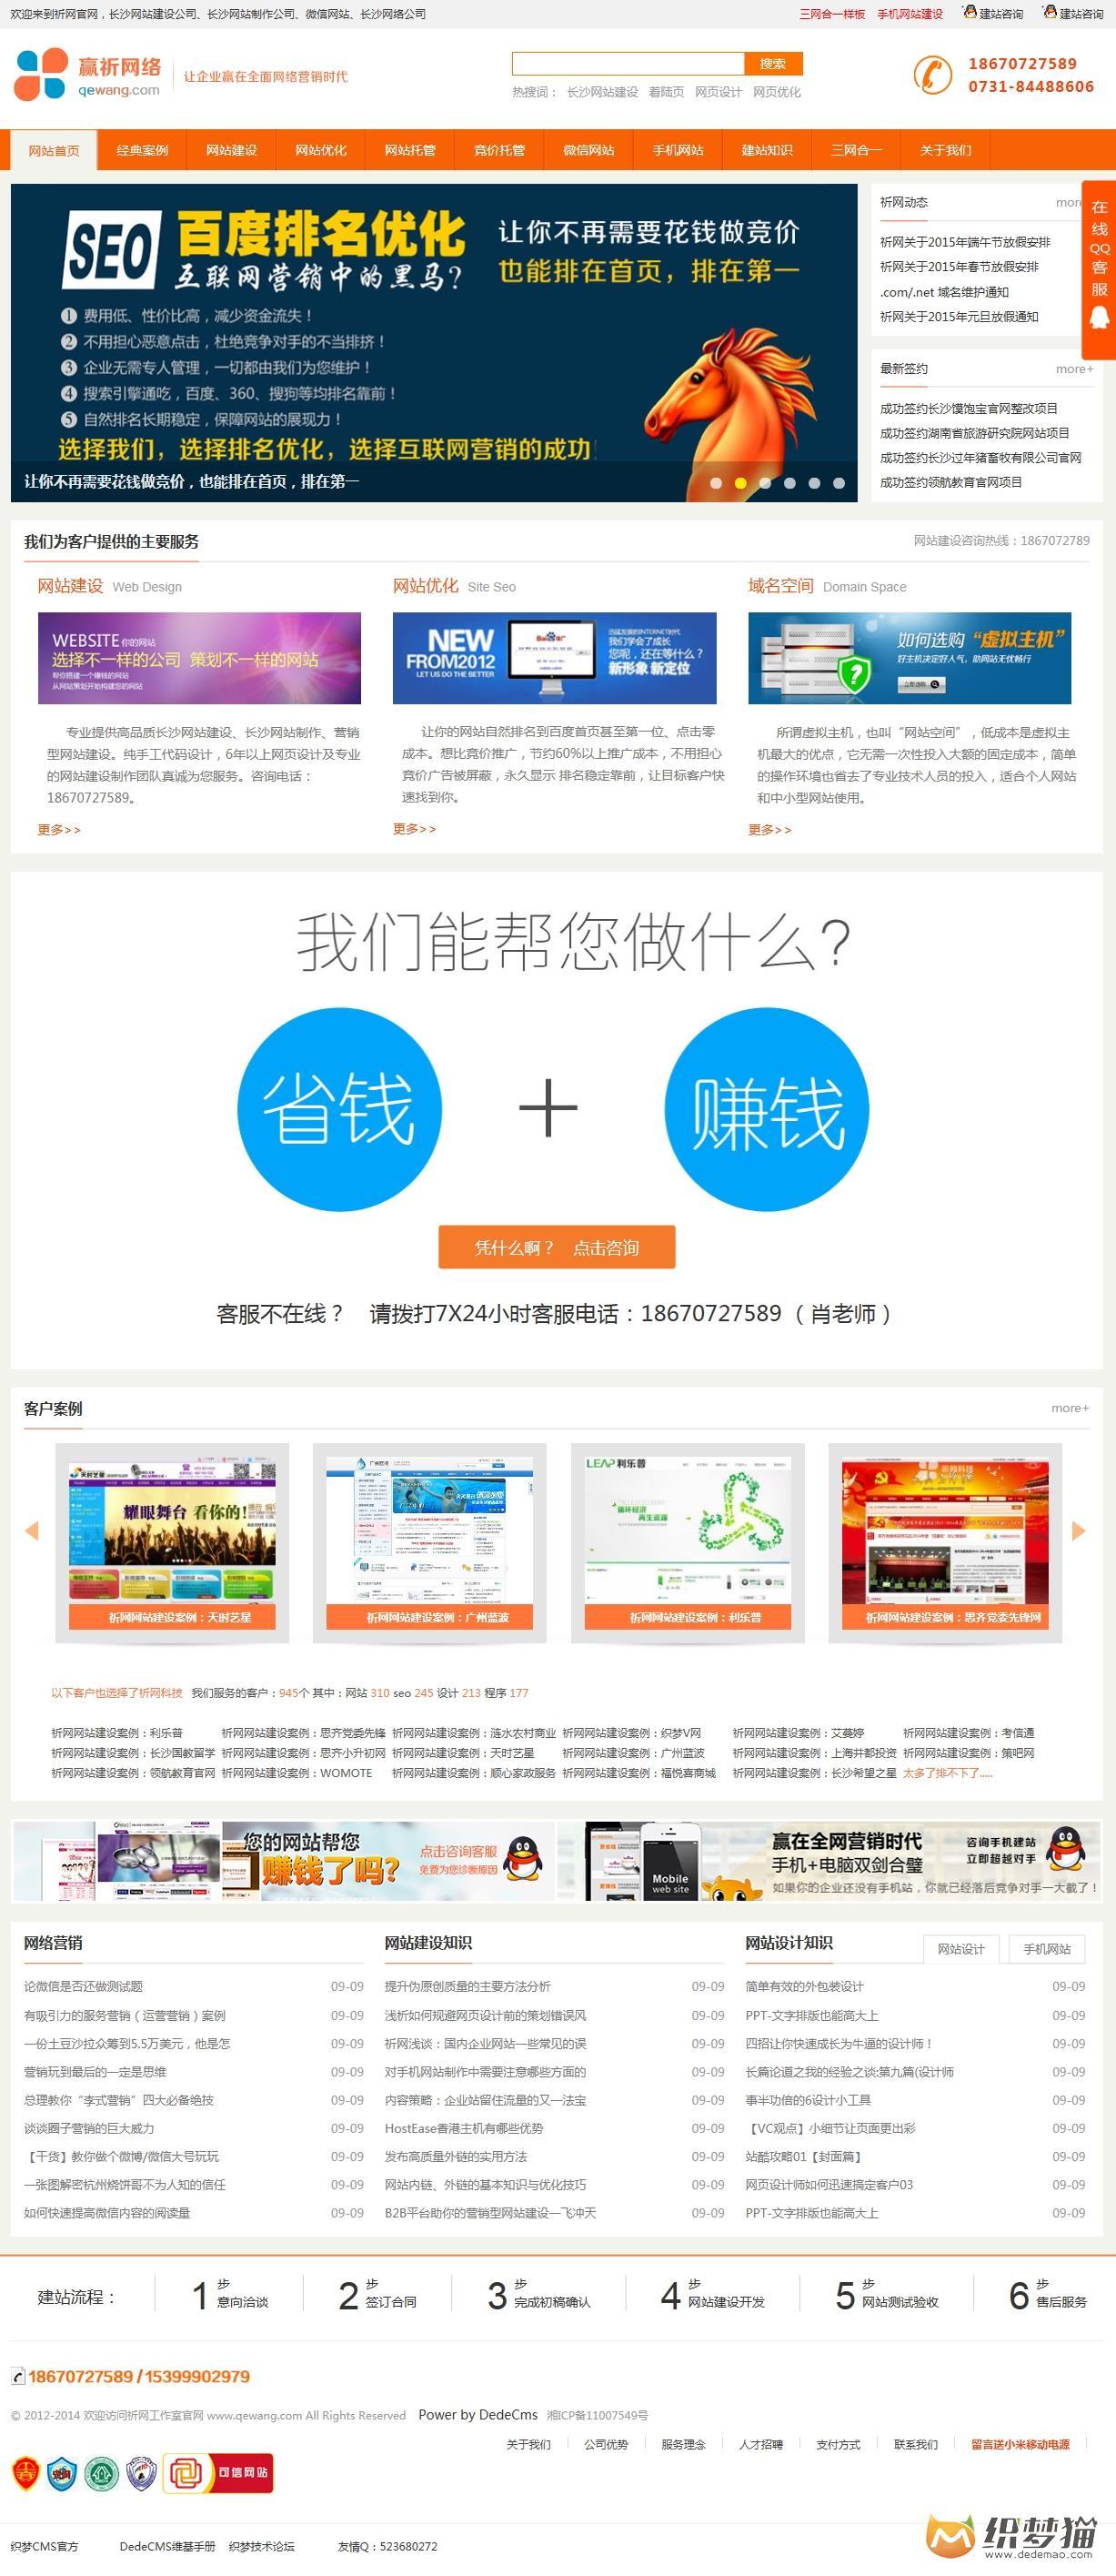 橙色大气织梦dedecms网络工作室模板